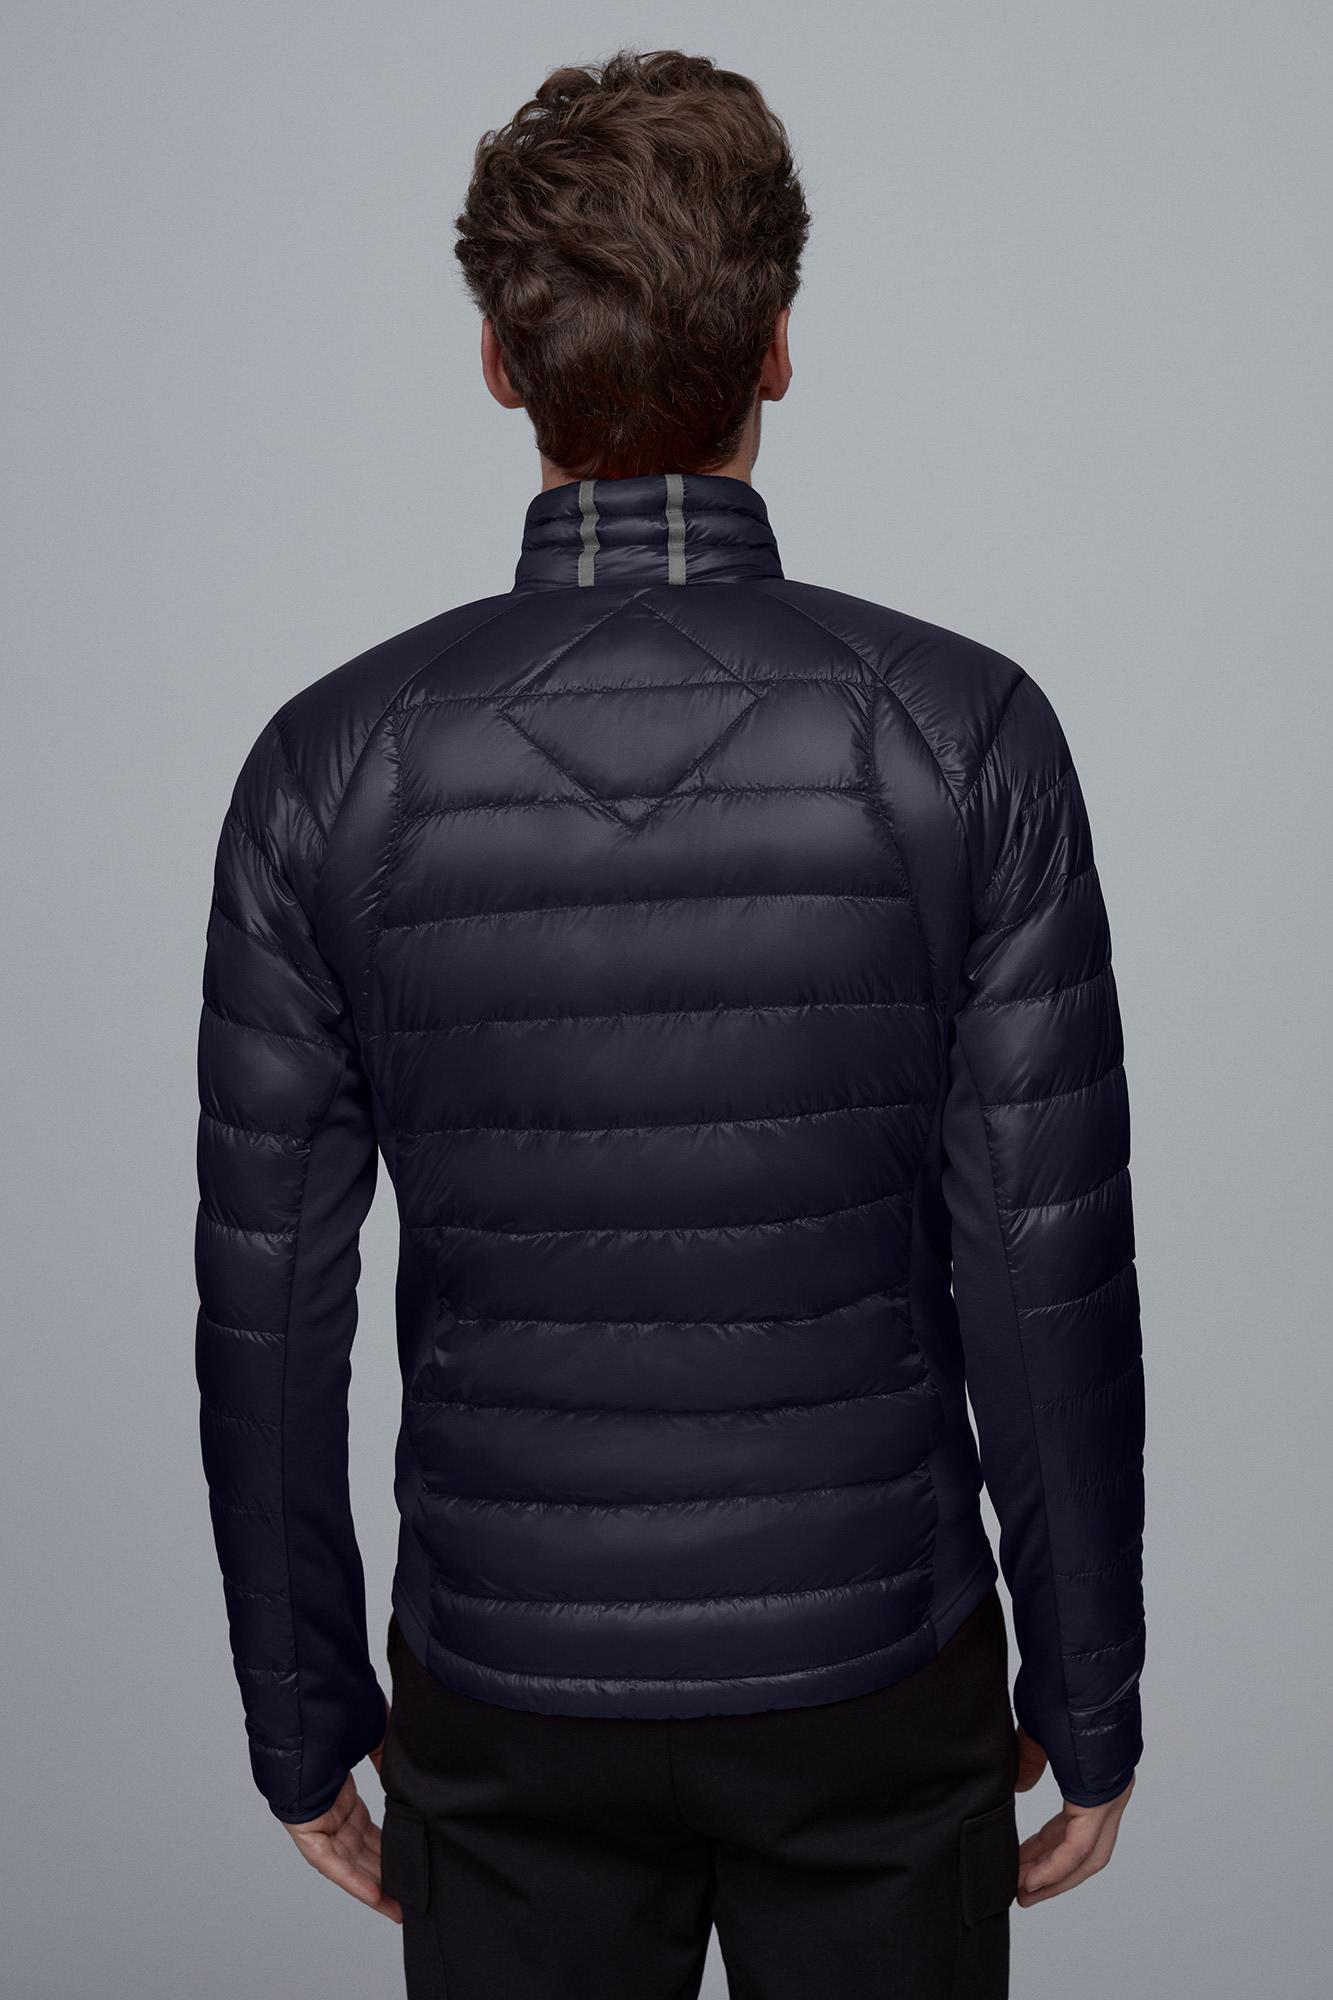 Manteau Hybridge Lite pour hommes   Canada Goose® fb3f0d20658